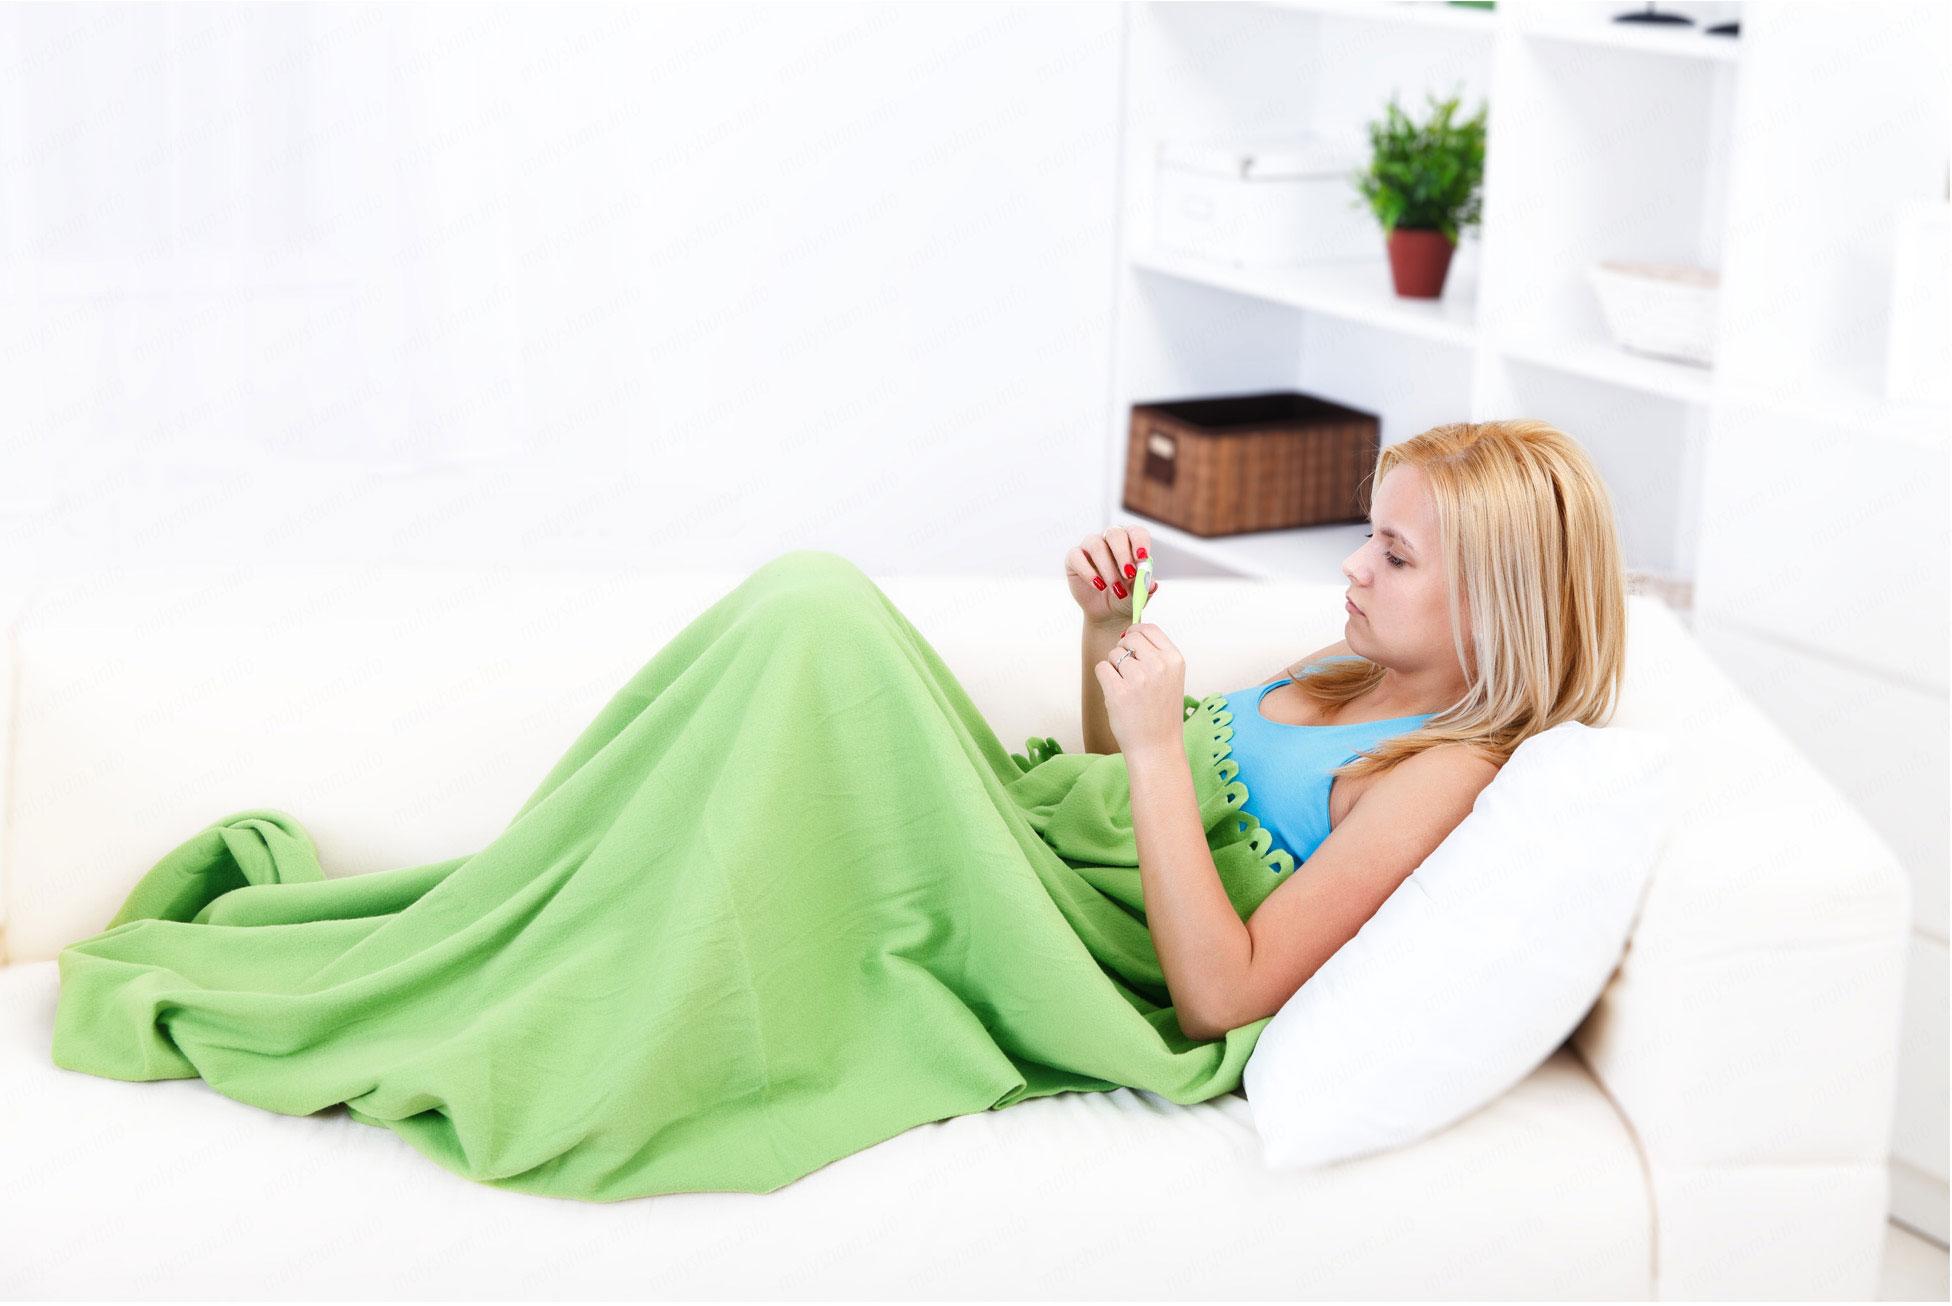 Повышенная температура тела это признак беременности